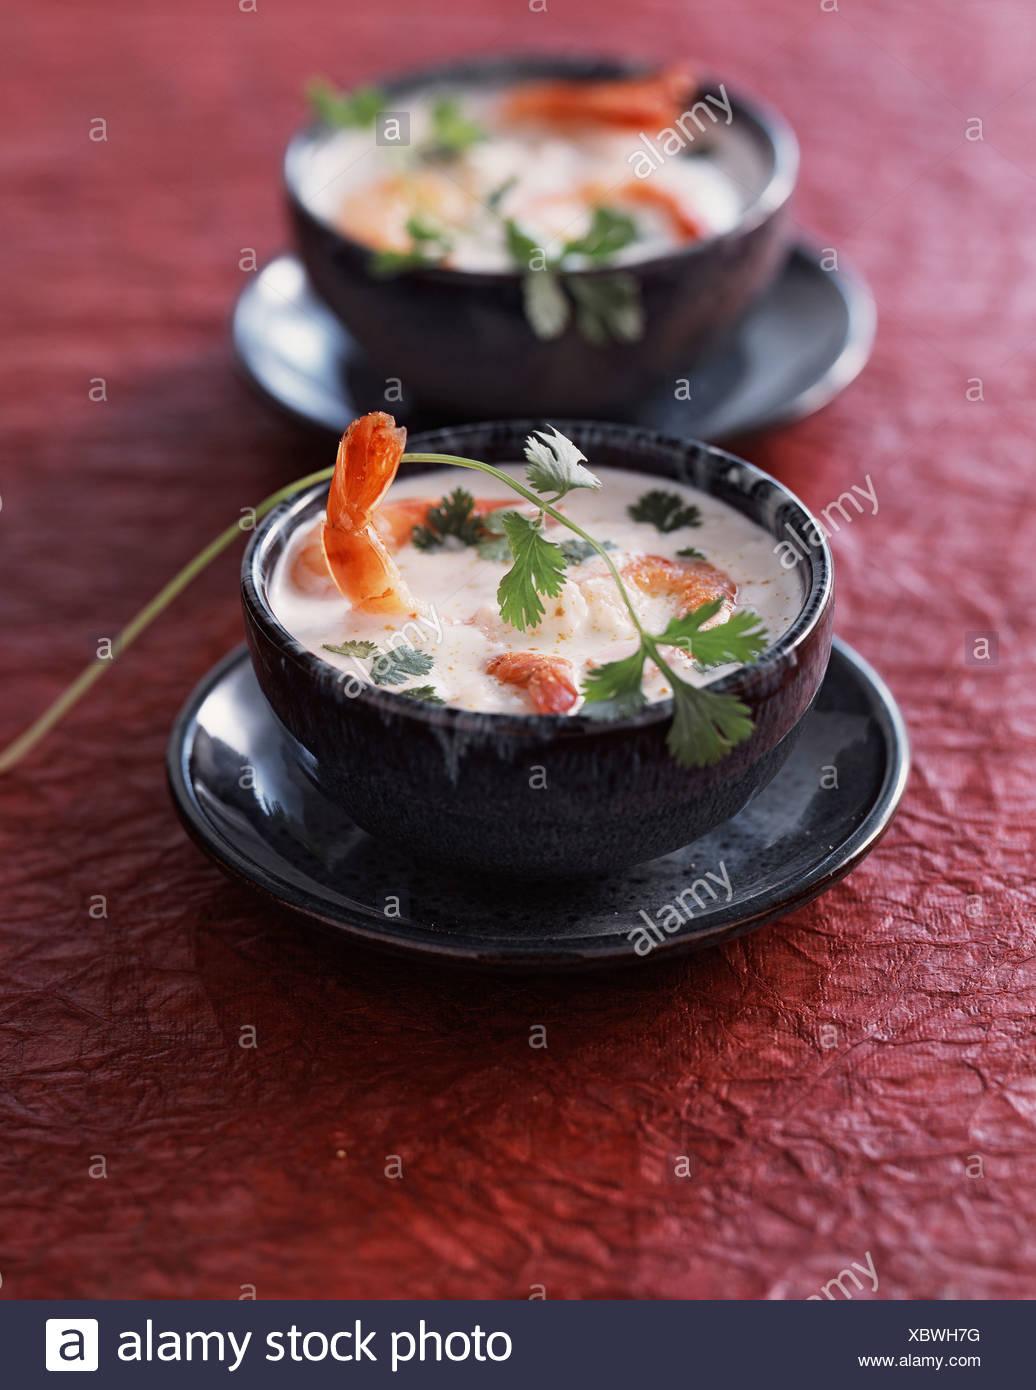 Thai Foods Imágenes De Stock & Thai Foods Fotos De Stock - Alamy